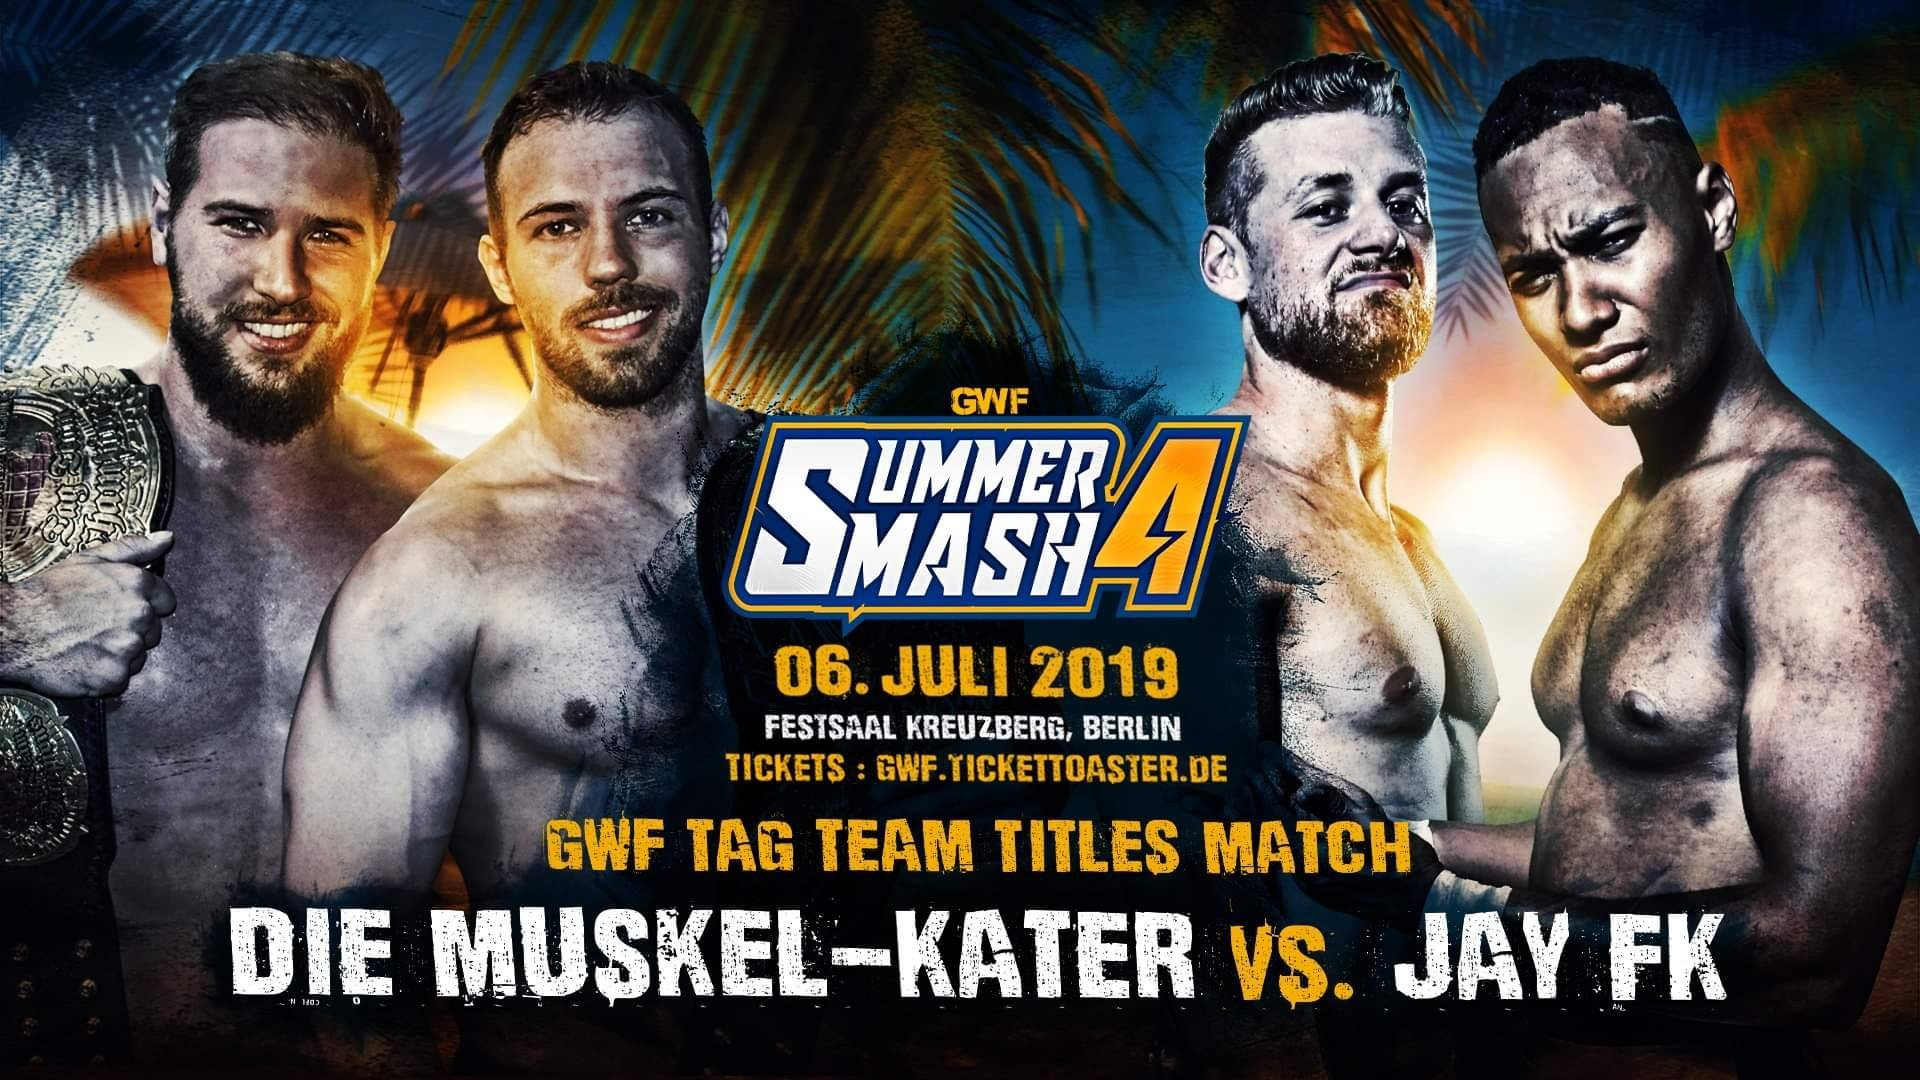 GWF Summer Smash - Muskel-Kater - Jay FK